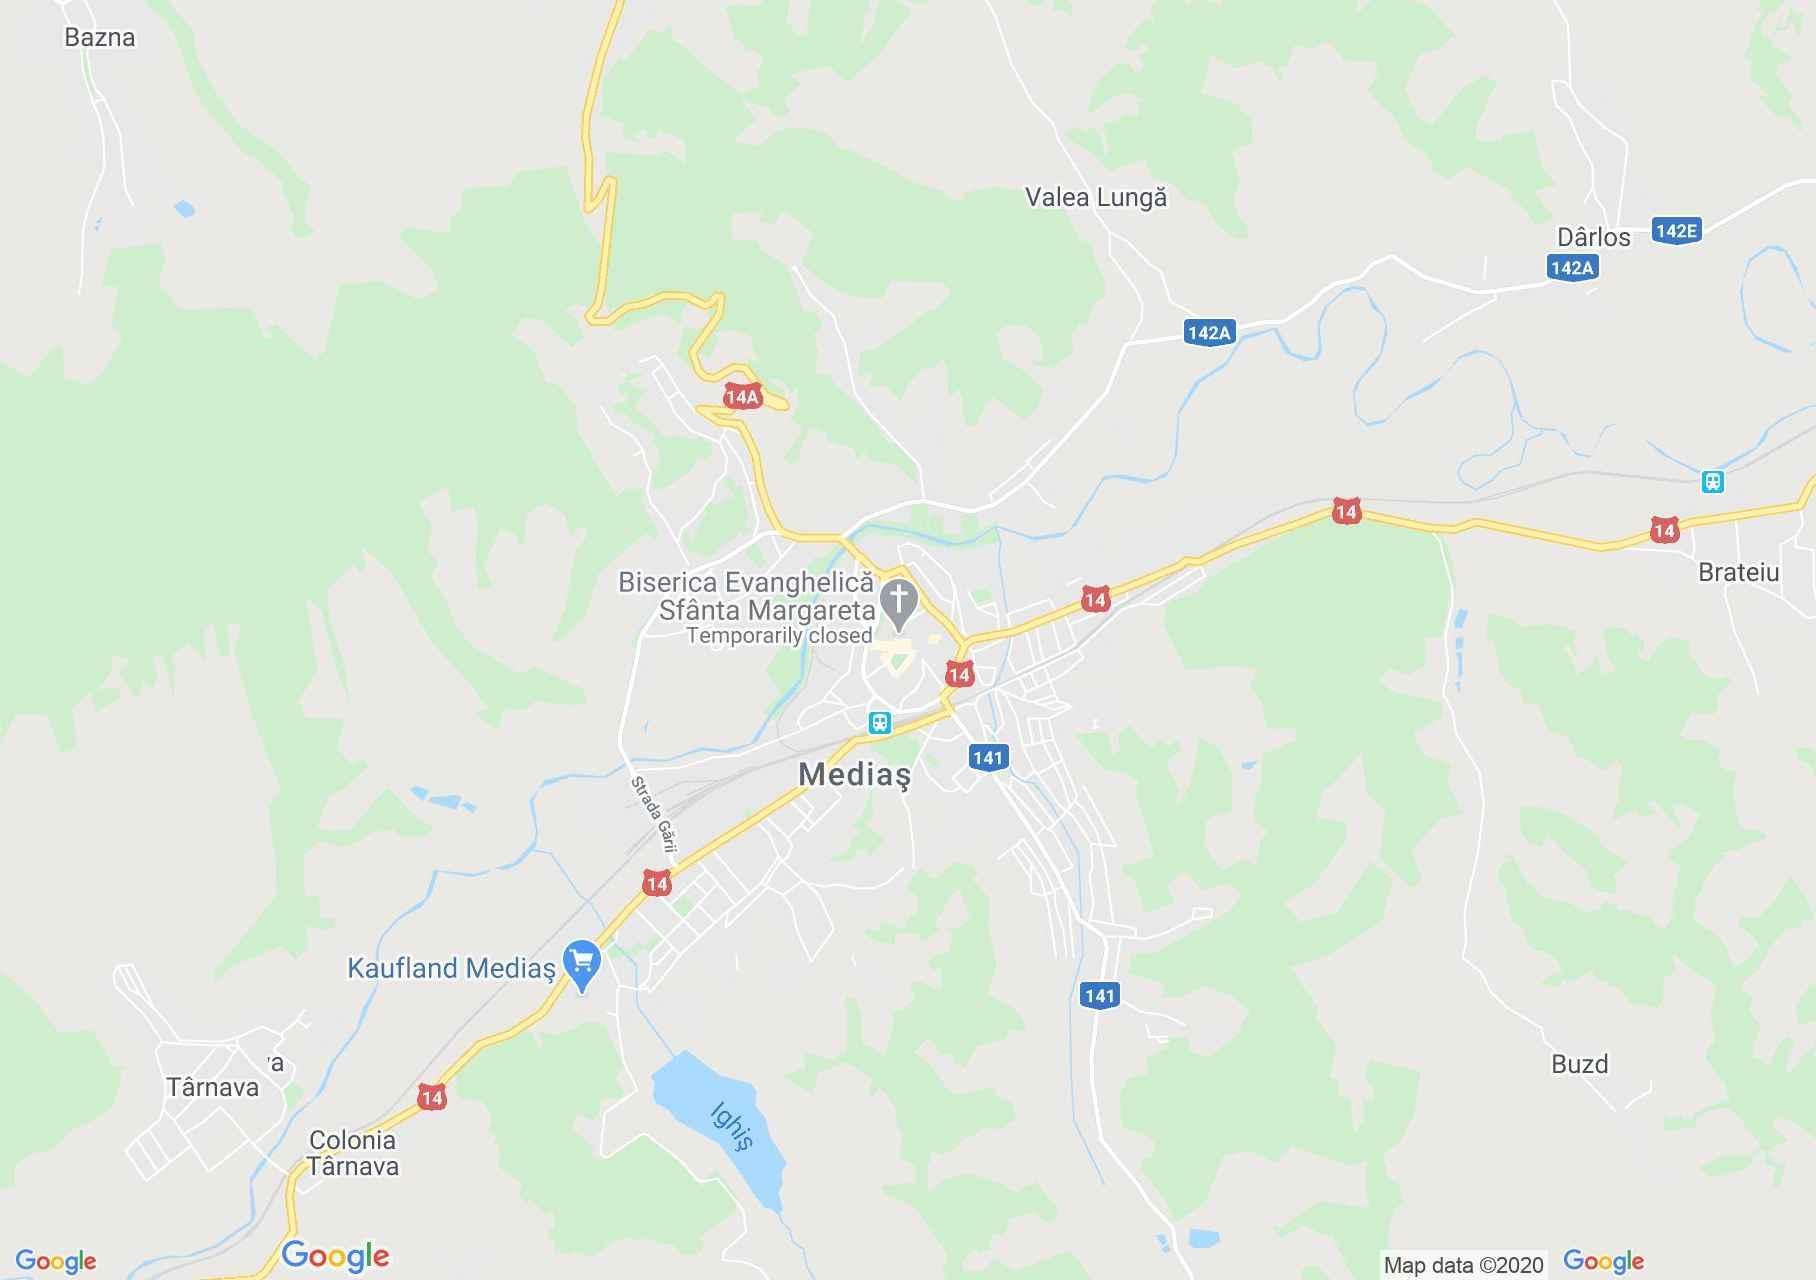 Mediaş, Harta turistică interactivă